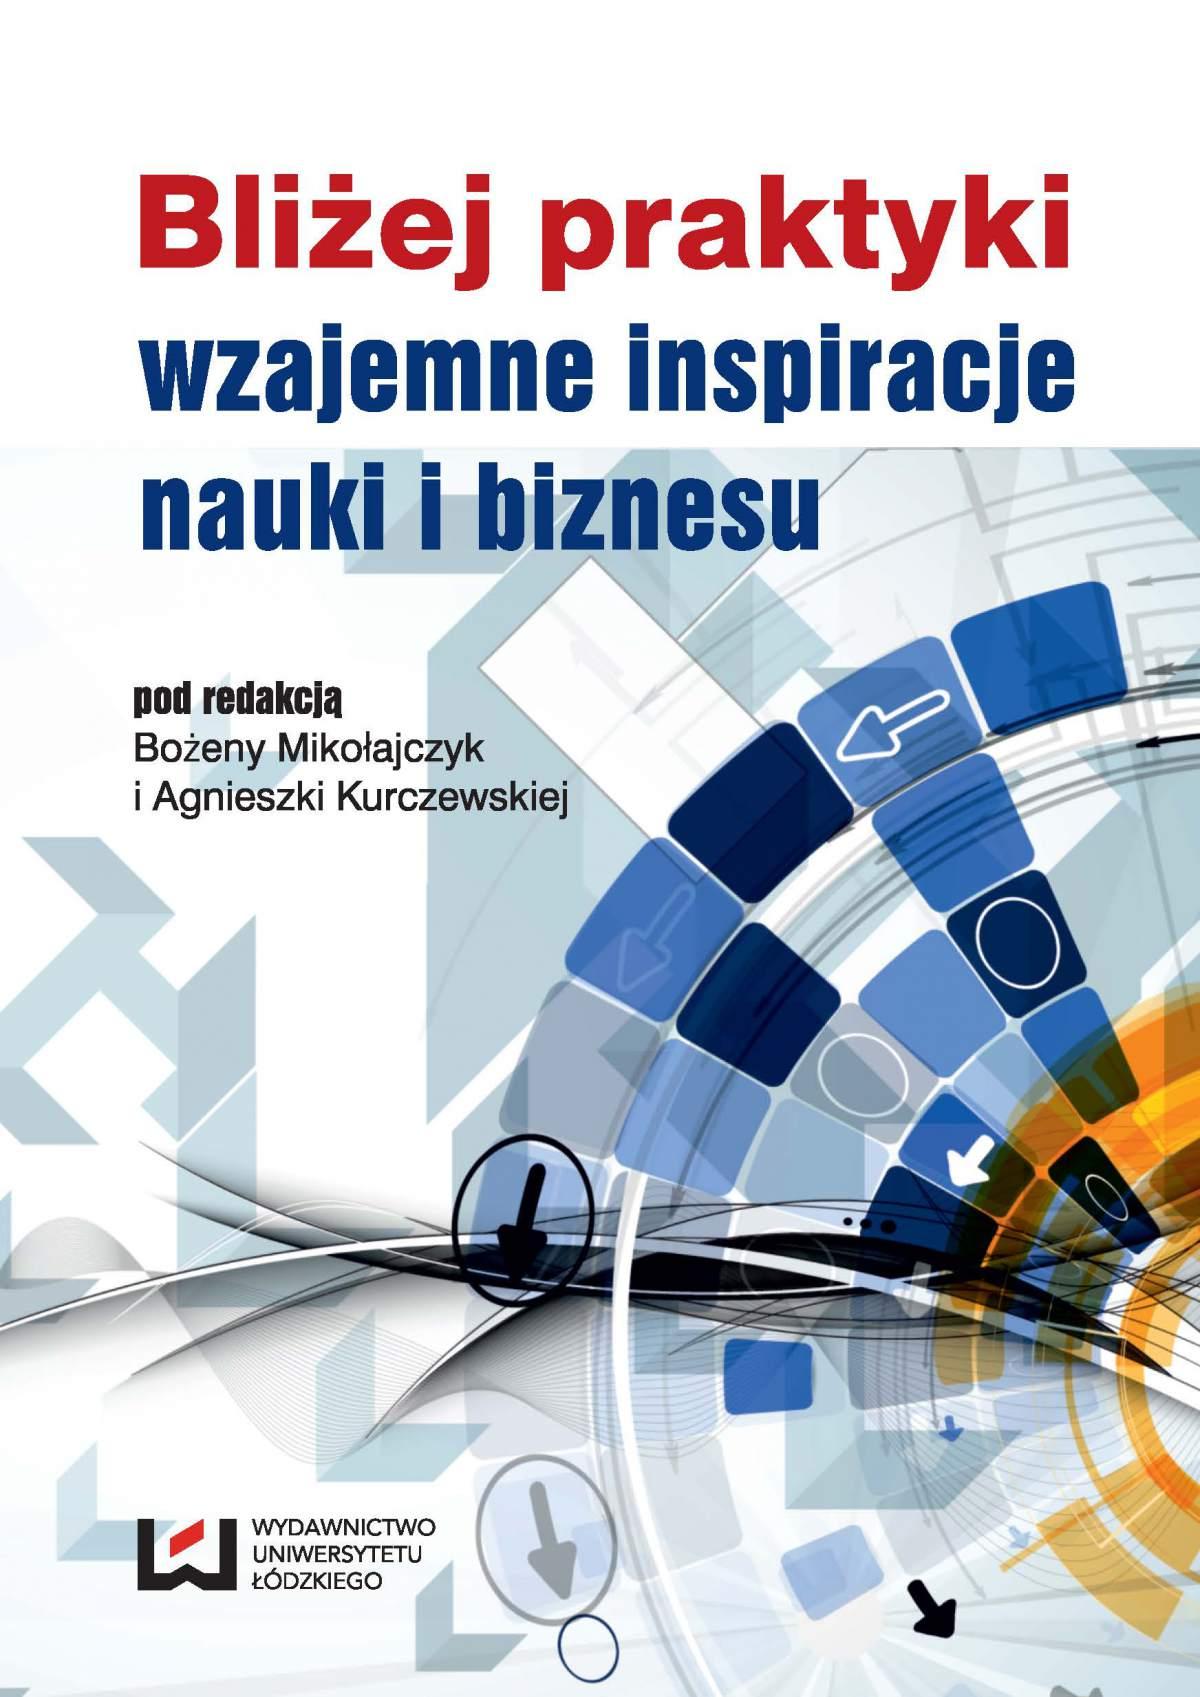 Bliżej praktyki - wzajemne inspiracje nauki i biznesu - Ebook (Książka PDF) do pobrania w formacie PDF